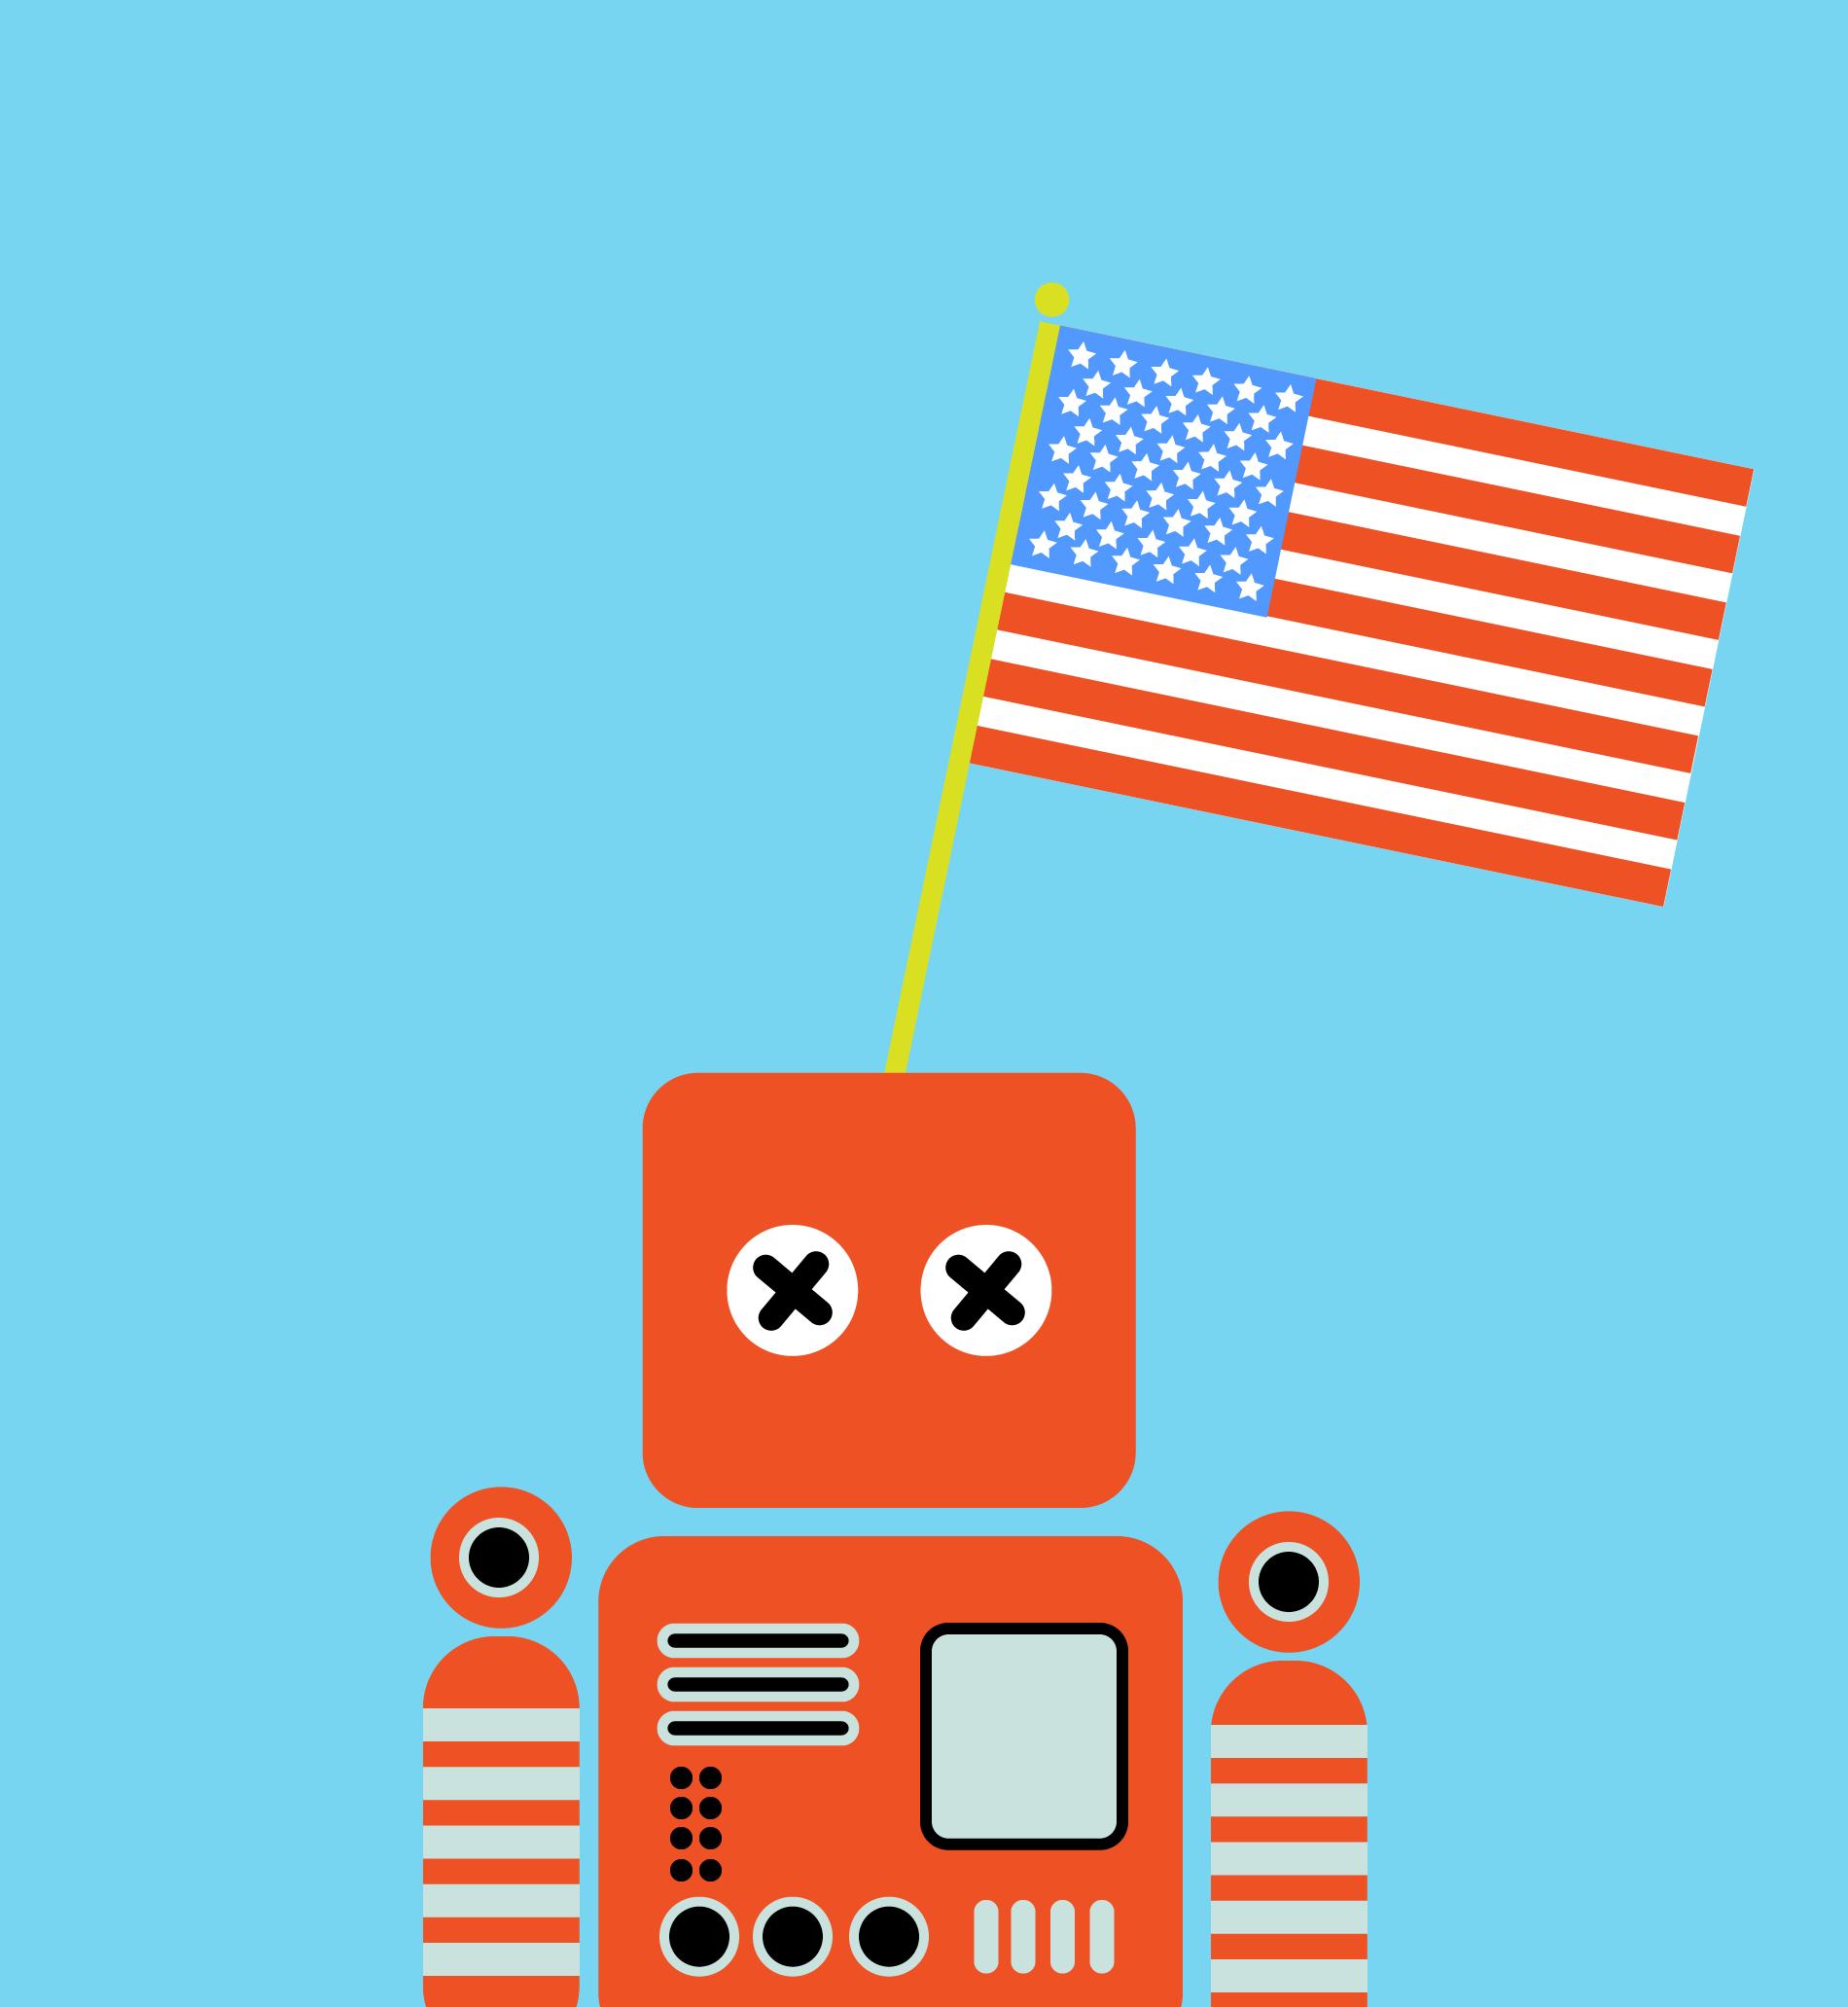 米国の「AI輸出規制」はむしろ中国に追い風だ